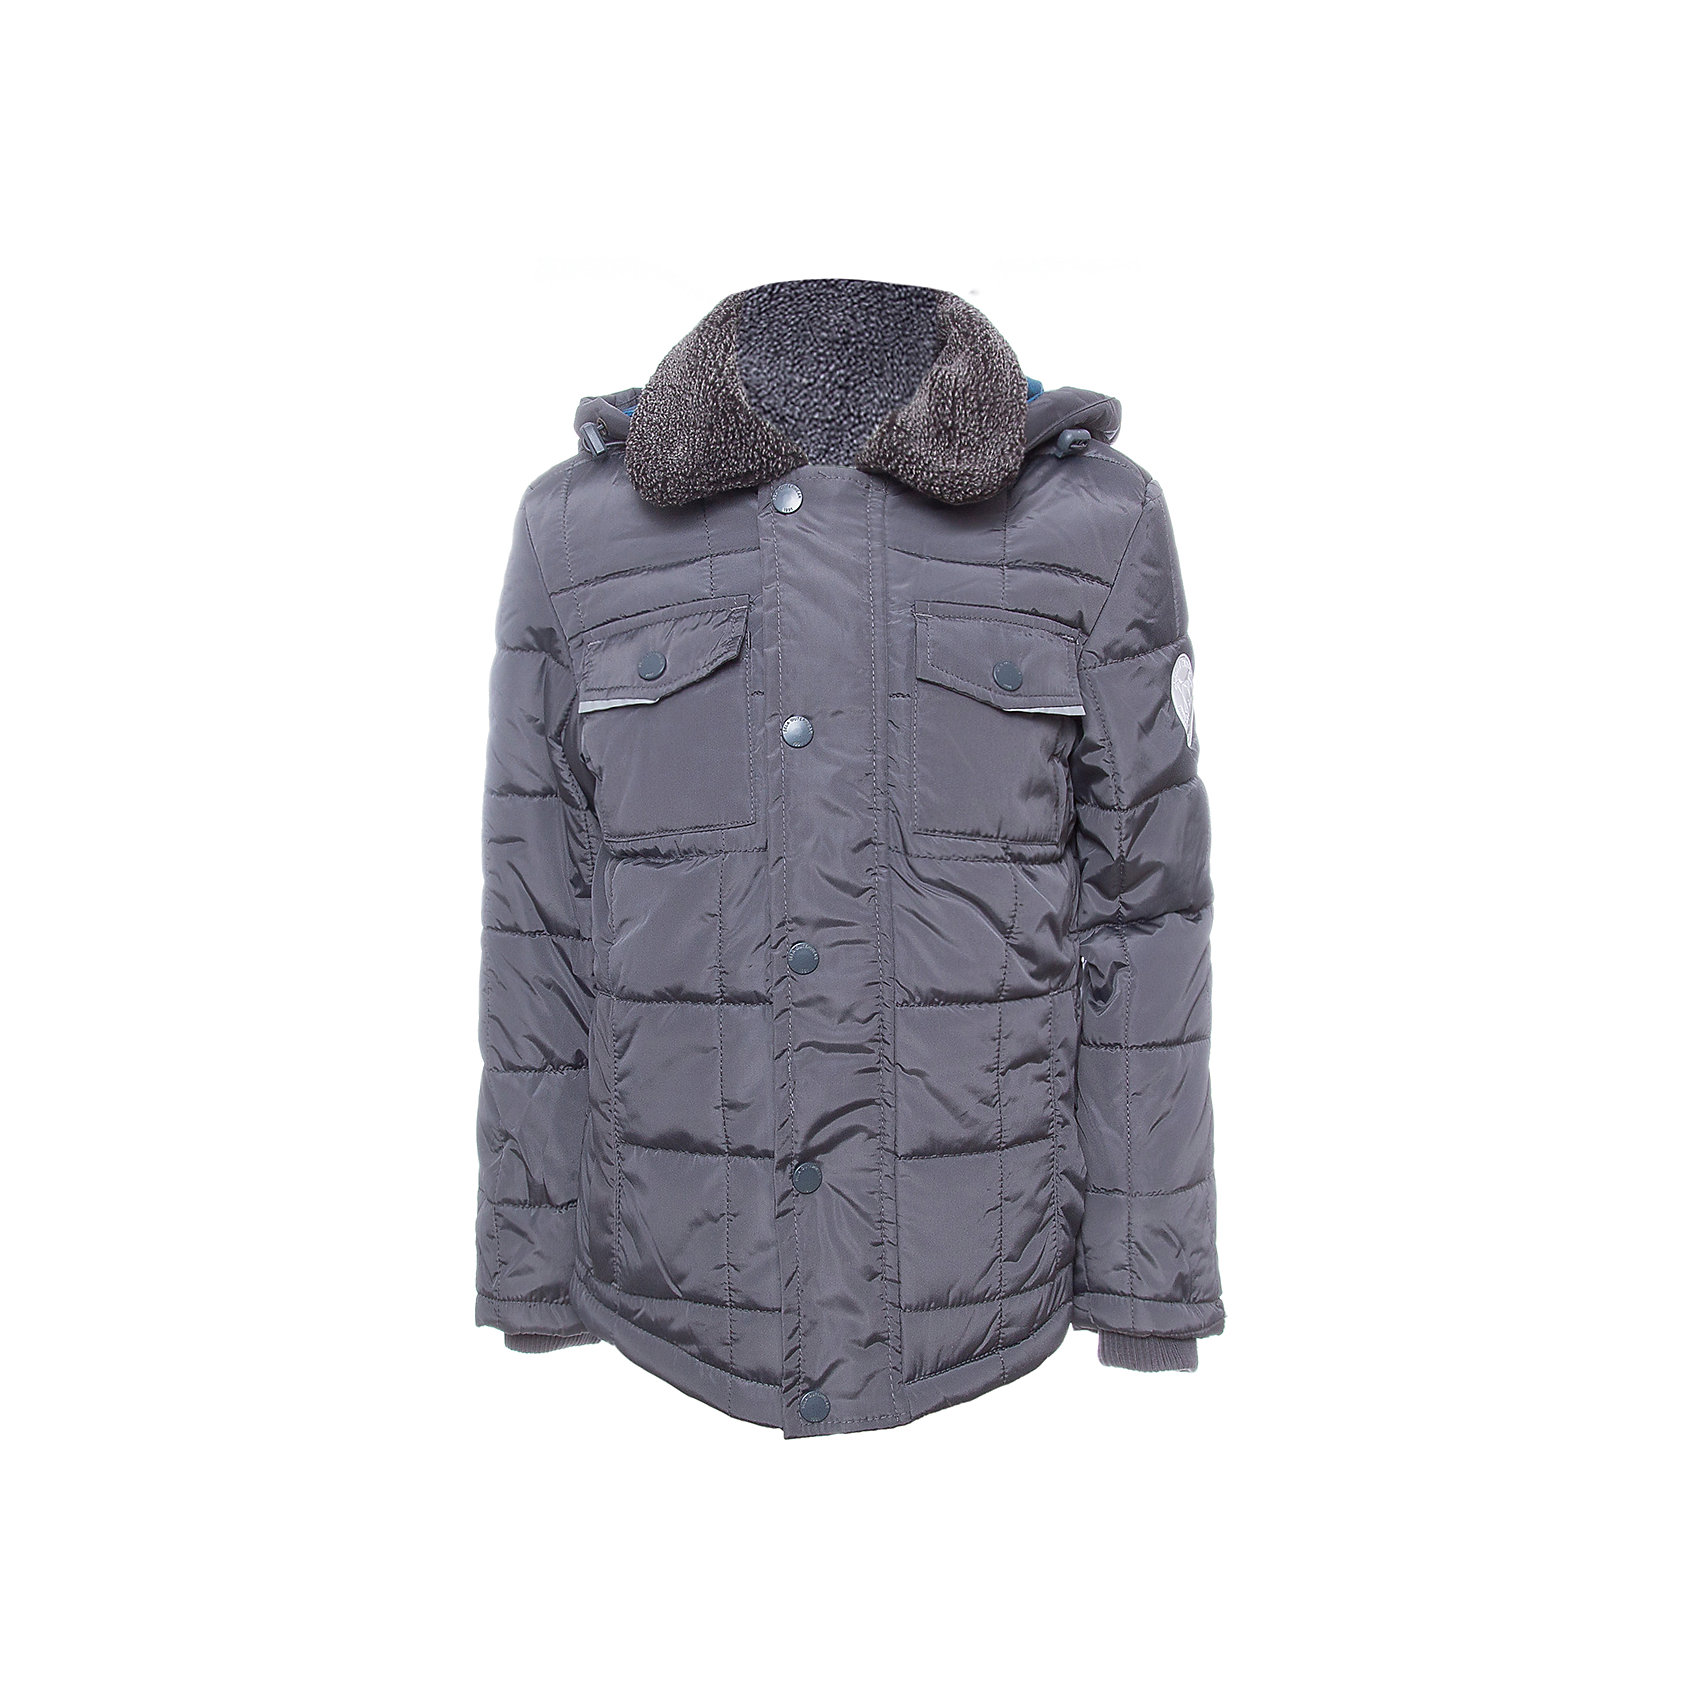 Куртка SELA для мальчикаВерхняя одежда<br>Характеристики товара:<br><br>• цвет: серый<br>• ткань верха: 100% полиэстер<br>• подкладка: 65% хлопок, 35% полиэстер<br>• утеплитель: 100% полиэстер<br>• сезон: демисезон<br>• температурный режим: от +5 до -10С<br>• особенности куртки: на молнии, стеганая<br>• капюшон: без меха, съемный<br>• застежка: молния<br>• страна бренда: Исполиамидния<br>• страна изготовитель: Индия<br><br>Серая детская куртка отличается лаконичным дизайном. В демисезонной куртке для мальчика от ребенок будет чувствовать себя комфортно в прохладную погоду. Легкая куртка для мальчика от Sela поможет обеспечить ребенку тепло и комфорт. <br><br>Куртку для мальчика Sela (Села) можно купить в нашем интернет-магазине.<br><br>Ширина мм: 356<br>Глубина мм: 10<br>Высота мм: 245<br>Вес г: 519<br>Цвет: темно-серый<br>Возраст от месяцев: 132<br>Возраст до месяцев: 144<br>Пол: Мужской<br>Возраст: Детский<br>Размер: 152,122,128,140<br>SKU: 7032307